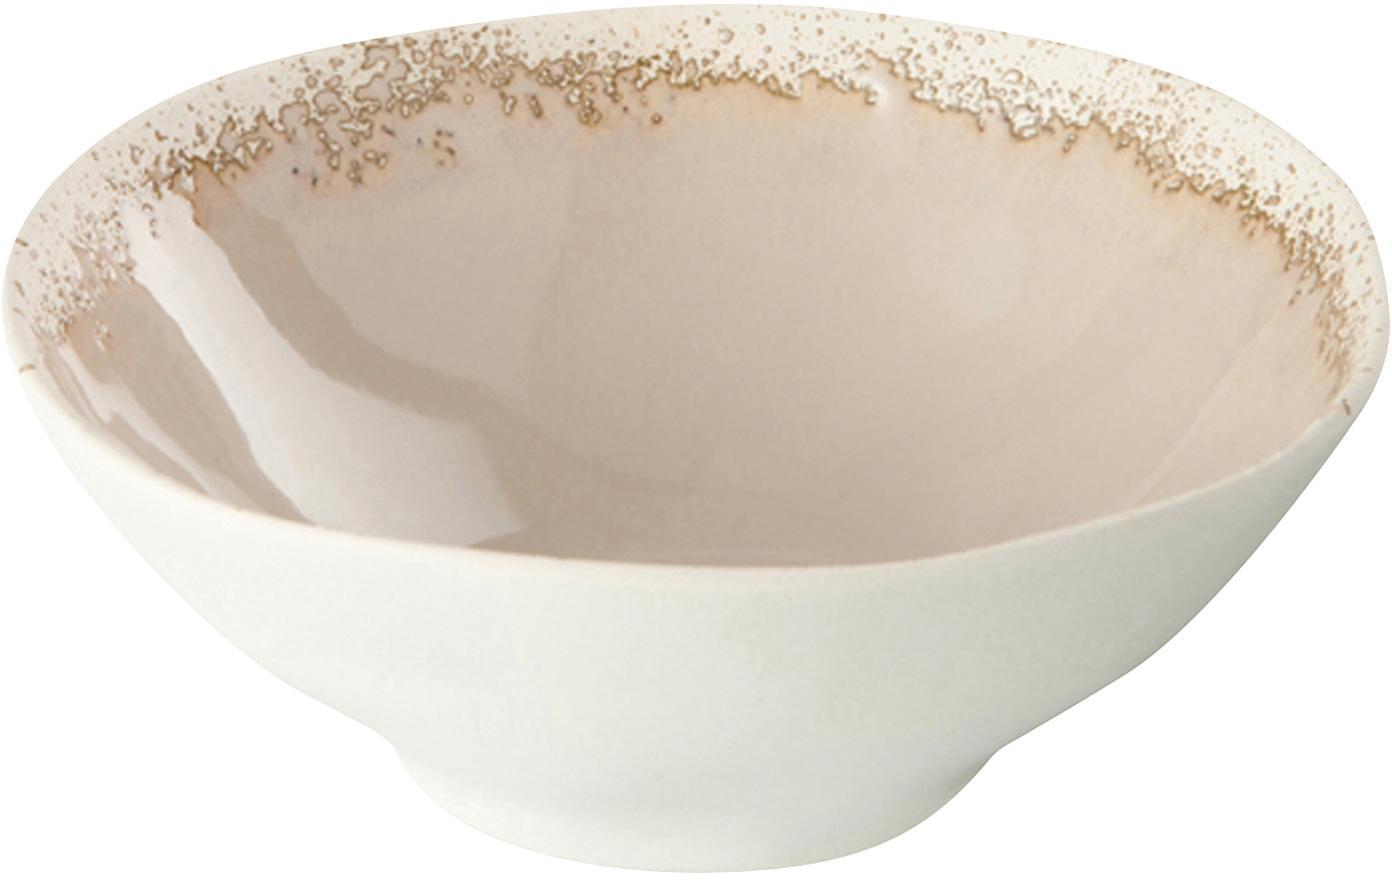 Schälchen Reyes mit effektvoller Glasur, 4 Stück, Keramik, Elfenbeinfarben, Ø 15 x H 6 cm